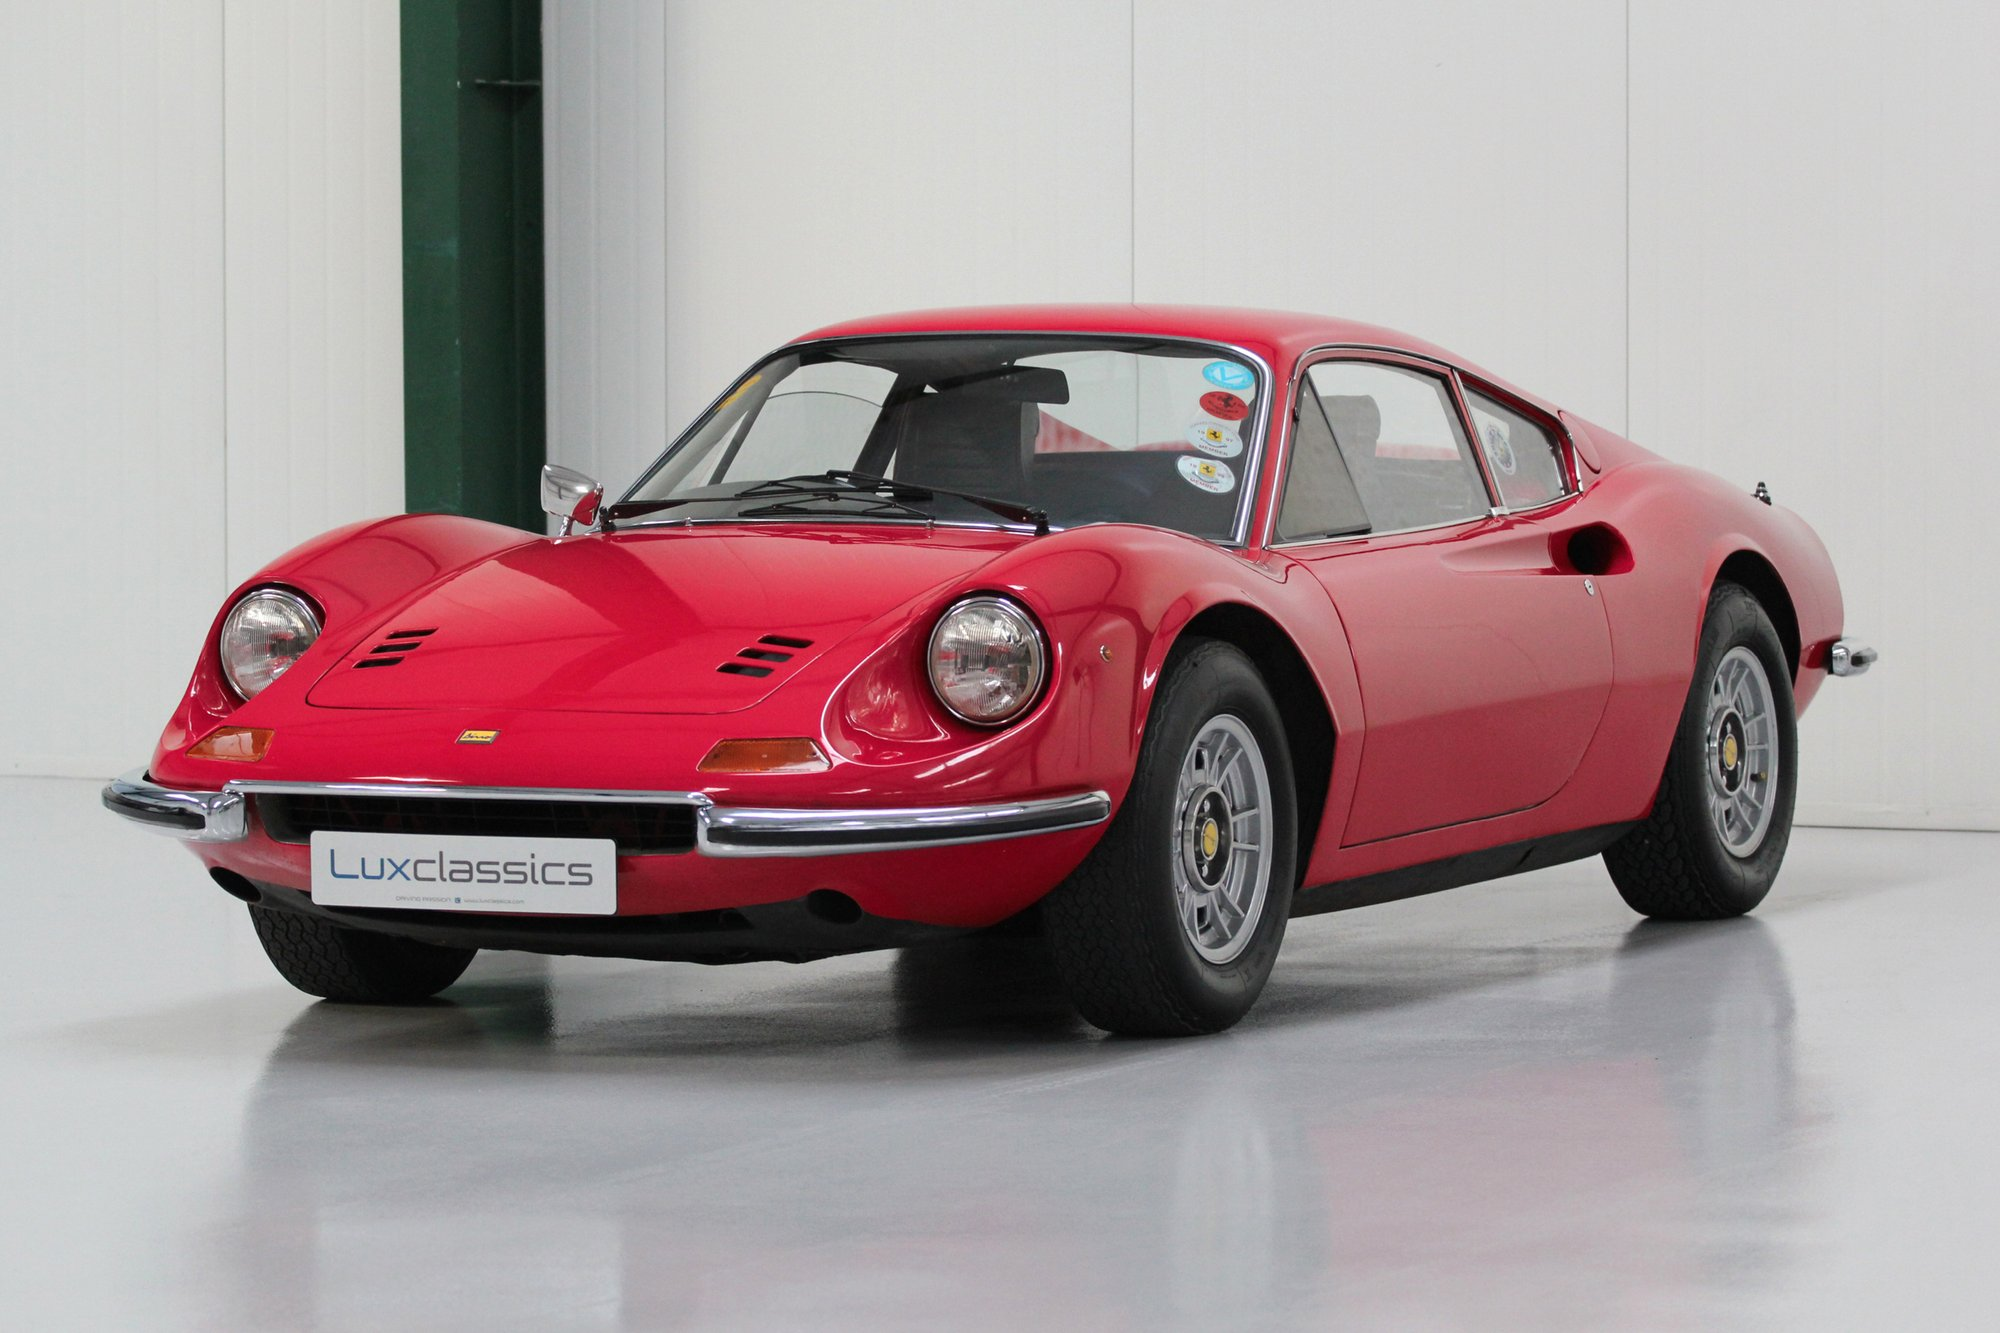 1973 Ferrari Dino In Chelmsford United Kingdom For Sale 10997904